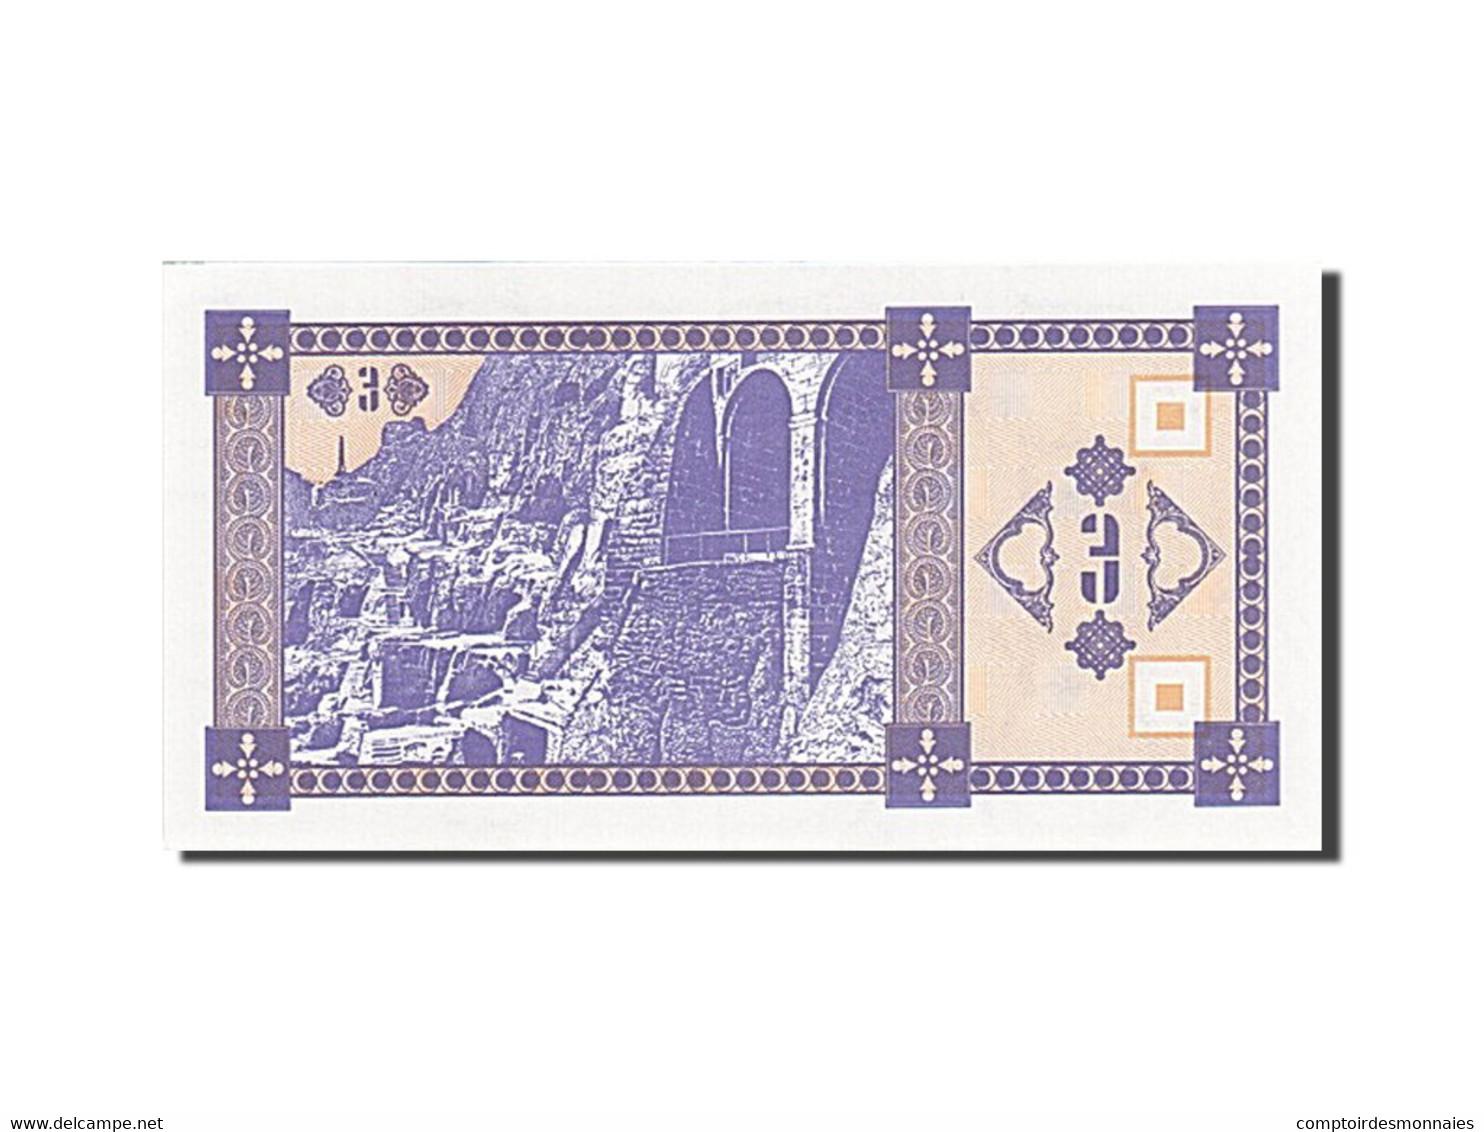 Géorgie, 3 (Laris), 1993, KM:34, Undated (1993), NEUF - Géorgie